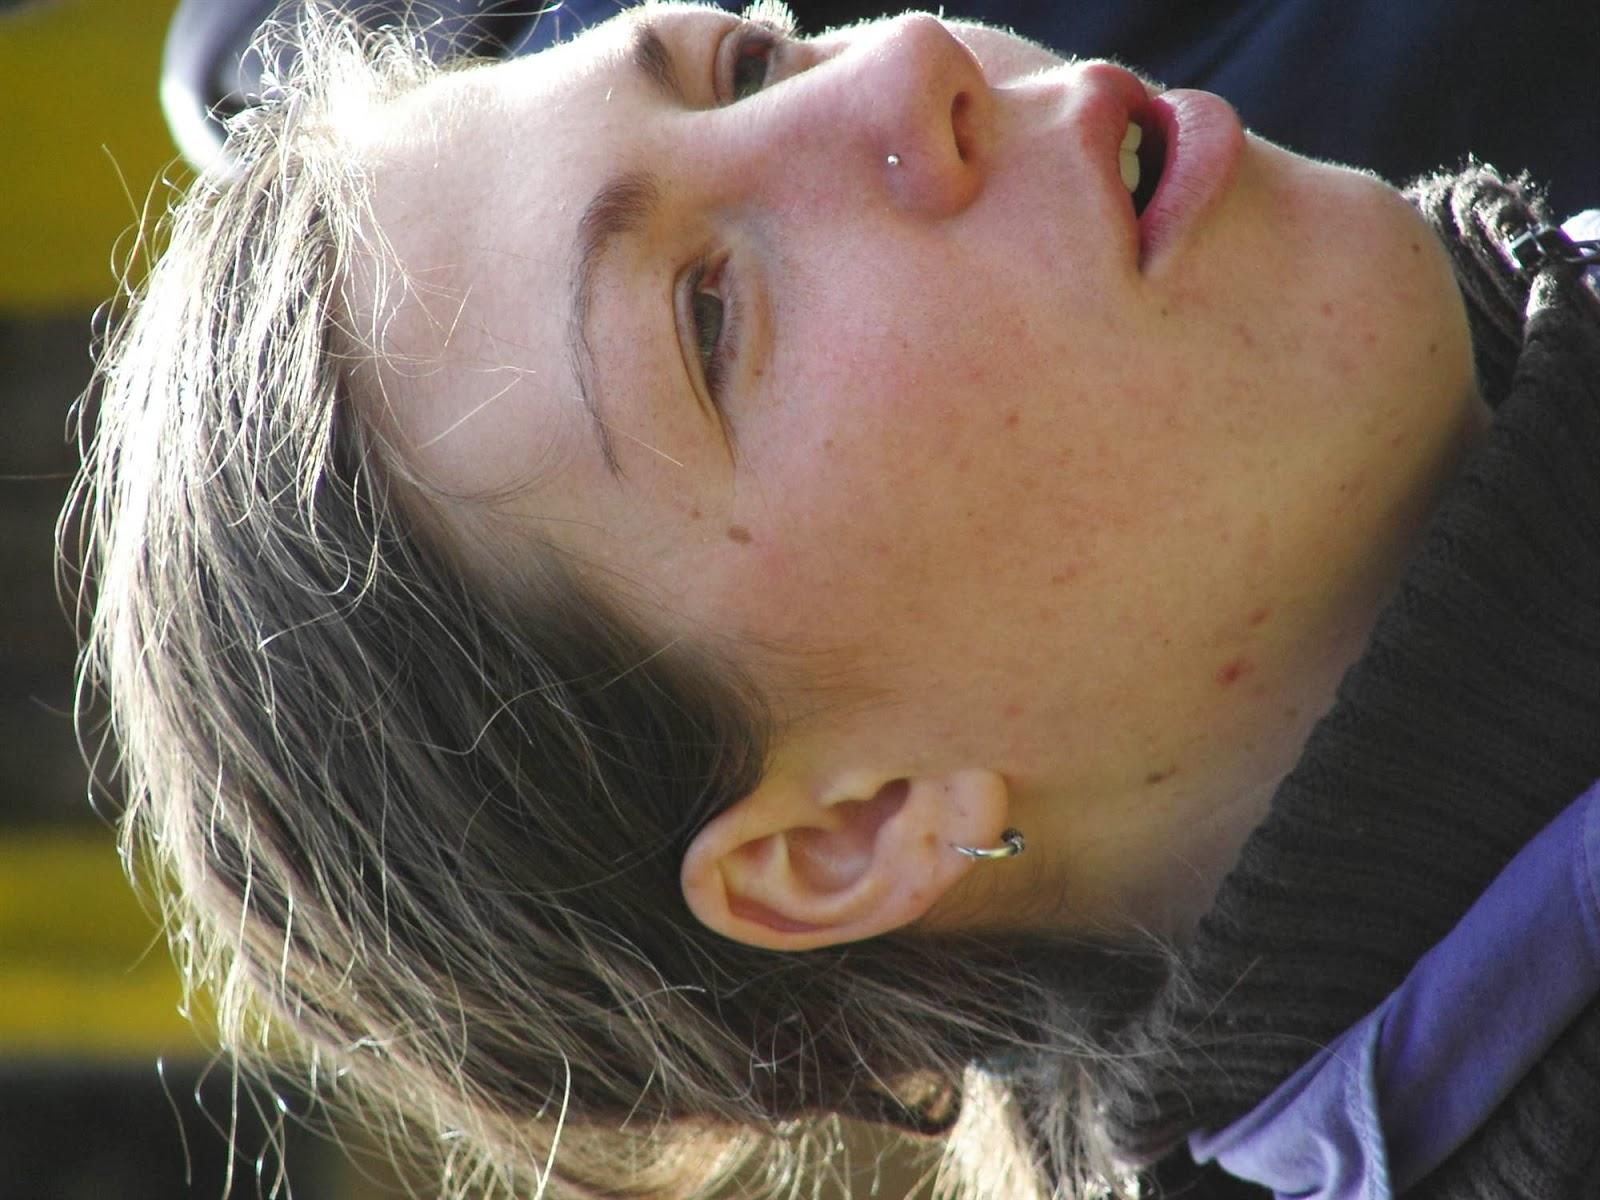 Motivacijski vikend, Strunjan 2005 - KIF_1981.JPG